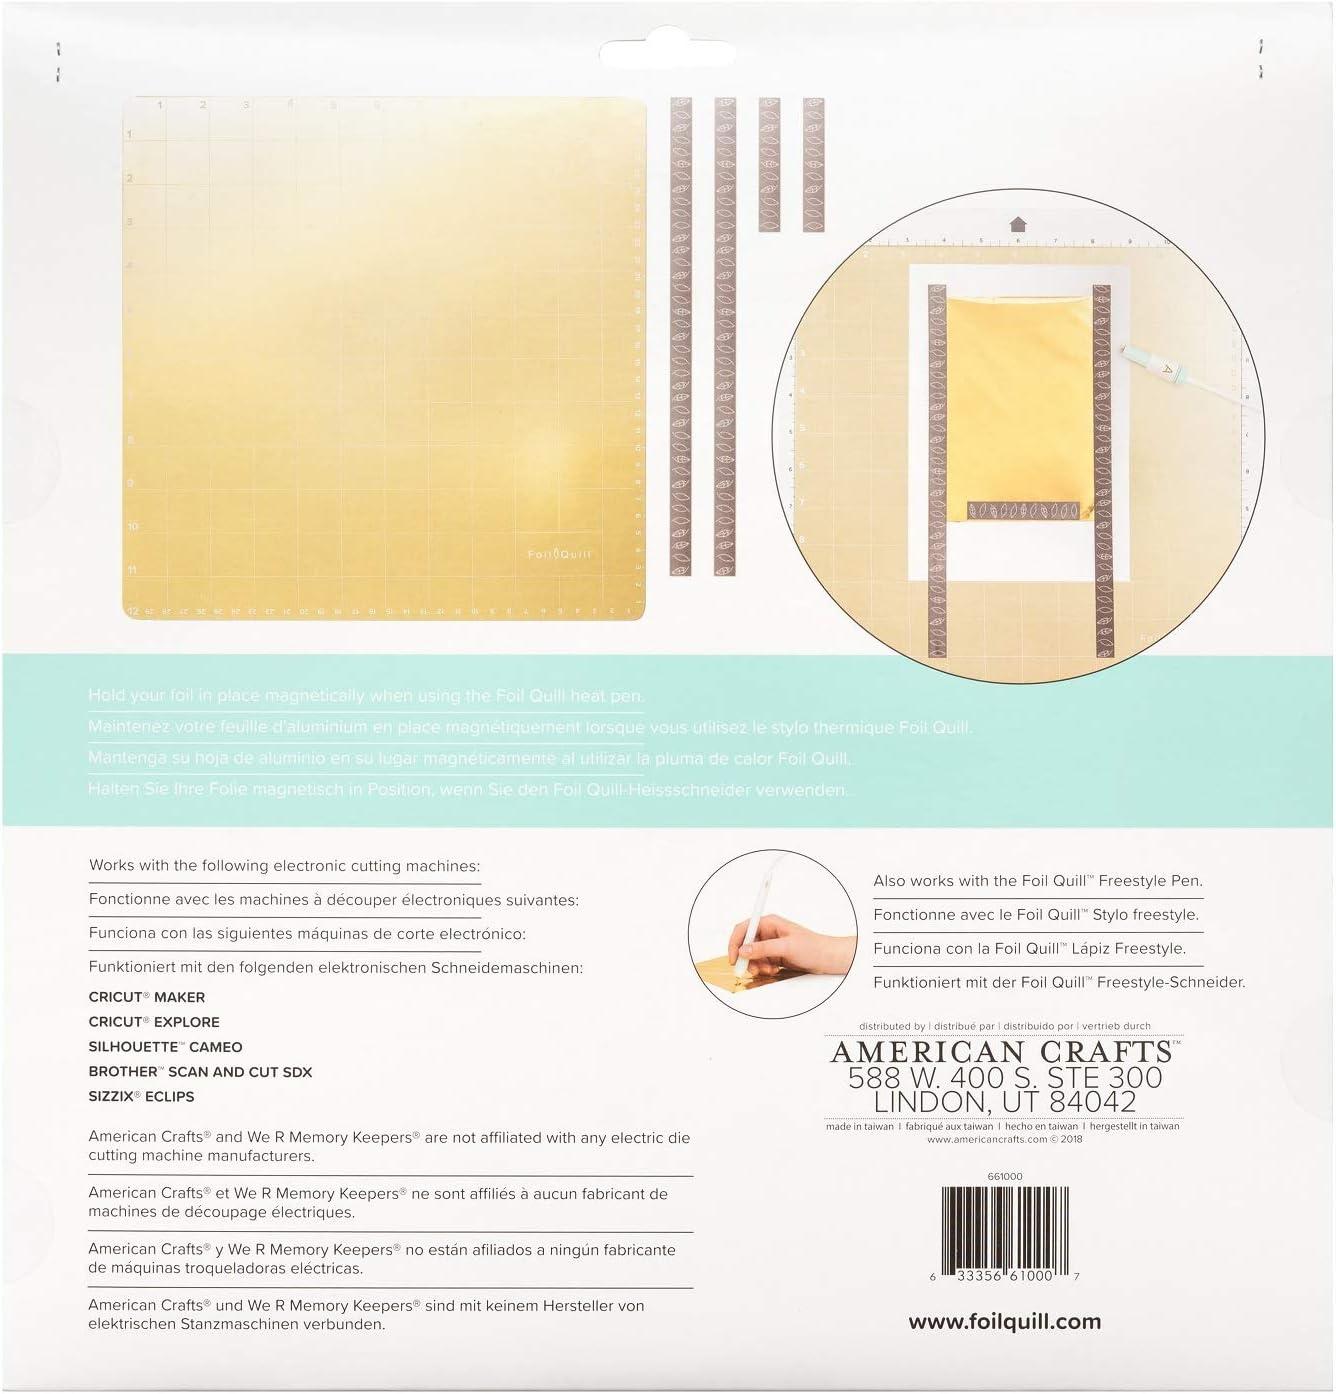 Tapete magnético de papel de aluminio para Silhouette Cameo, Cricut & Brother, imanes, So Fontsy Design Card de 12 x 12 pulgadas: Amazon.es: Juguetes y juegos